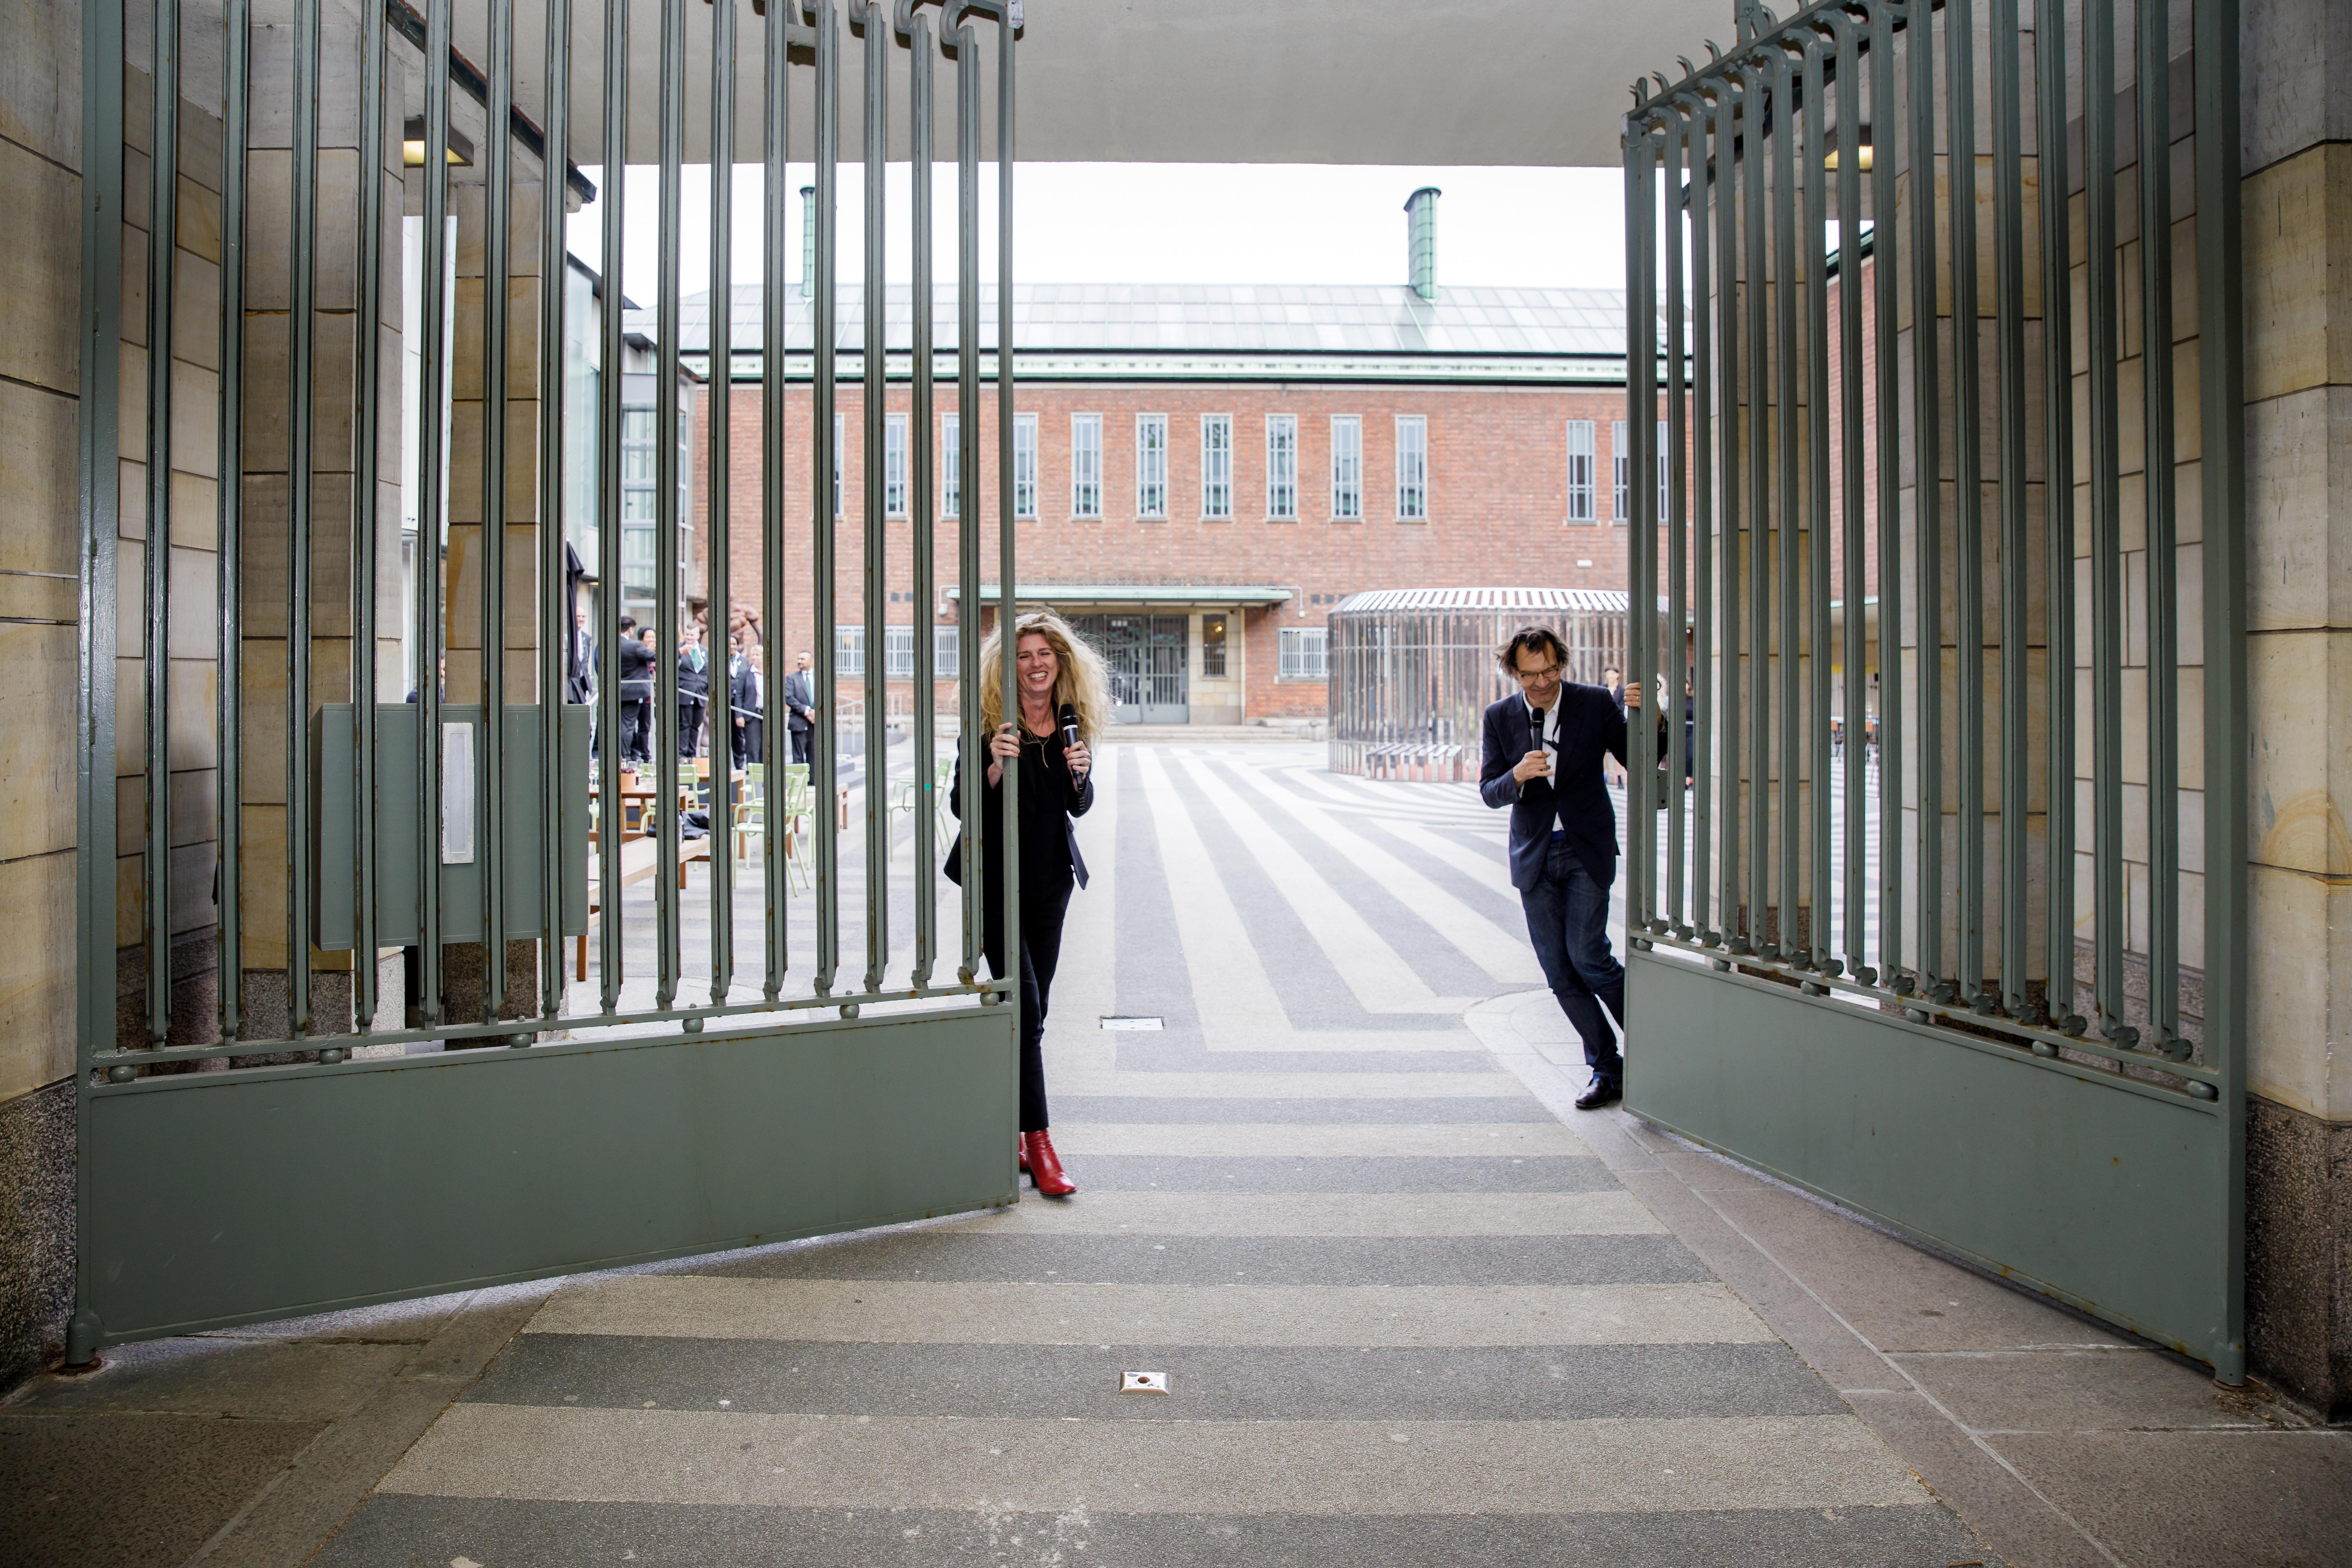 Sluiting van Boijmans. Foto: Aad Hoogendoorn